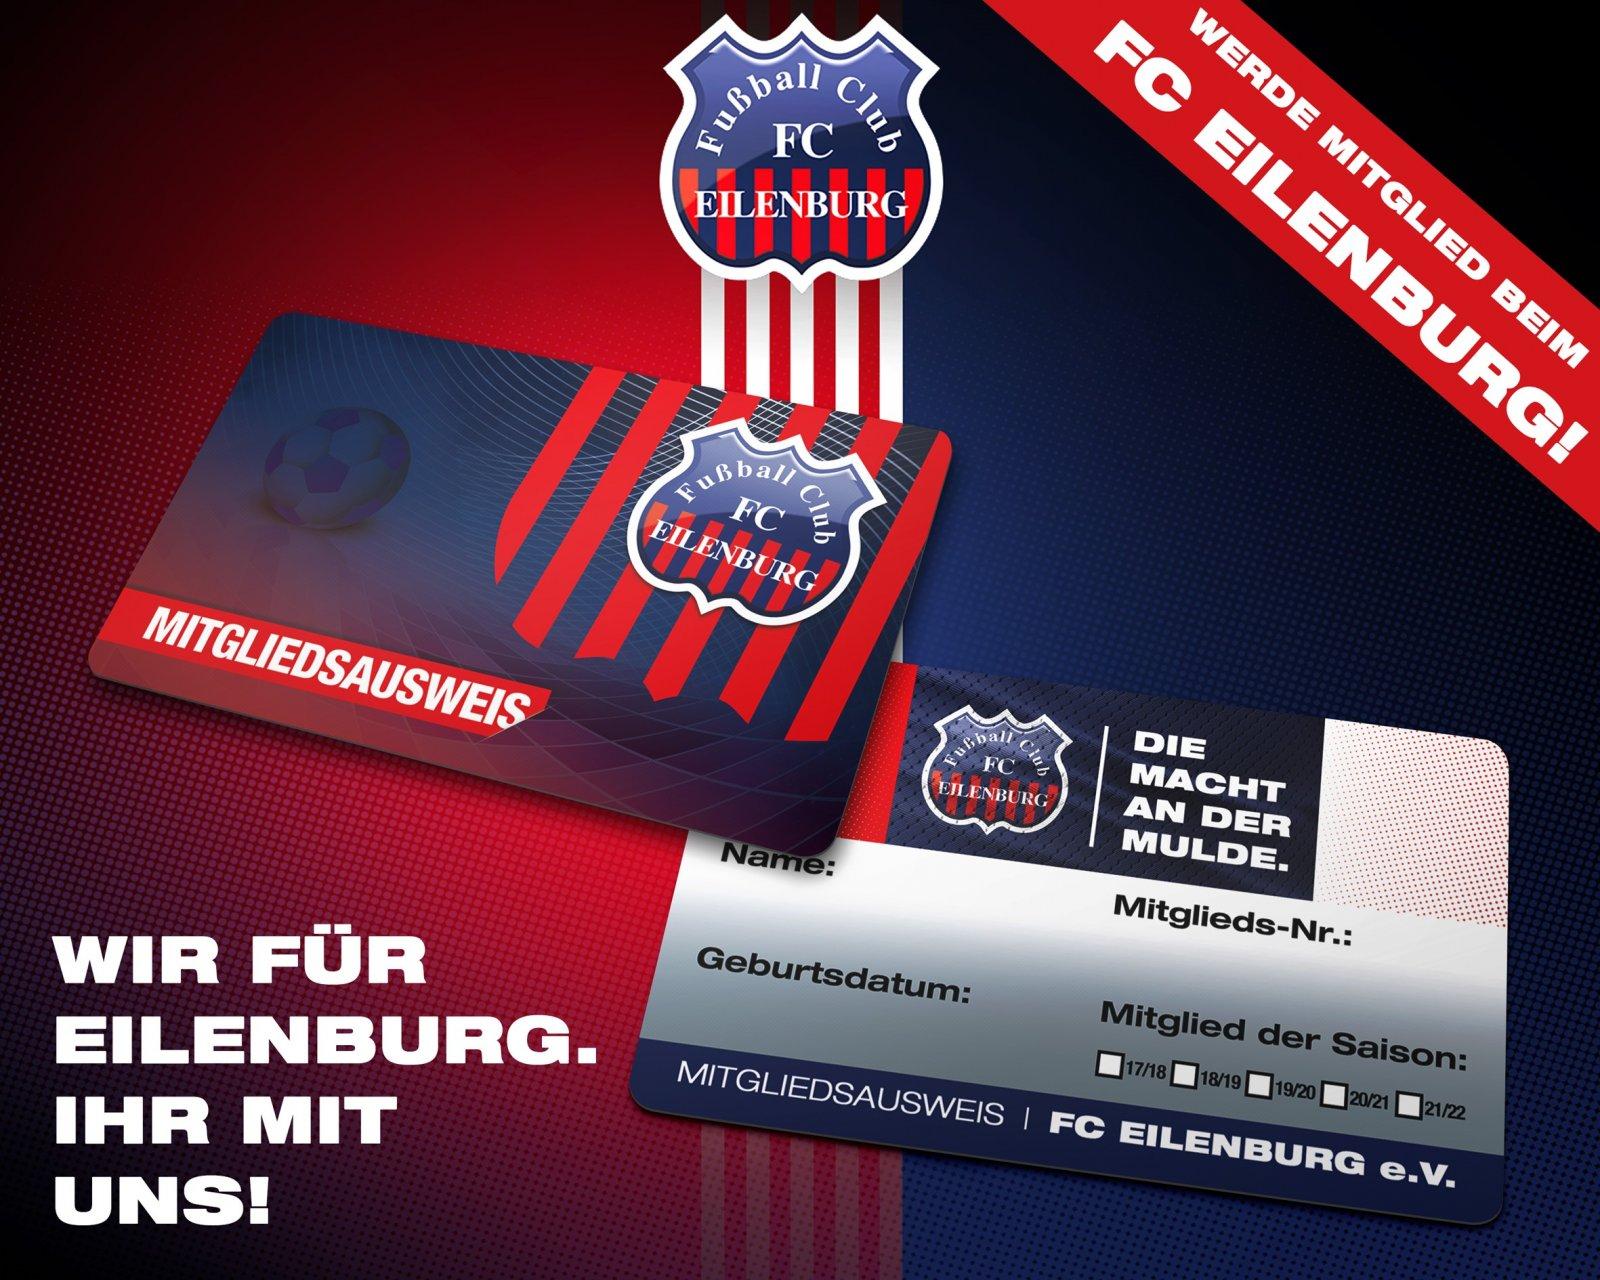 Mitgliedskarte FC EIlenburg